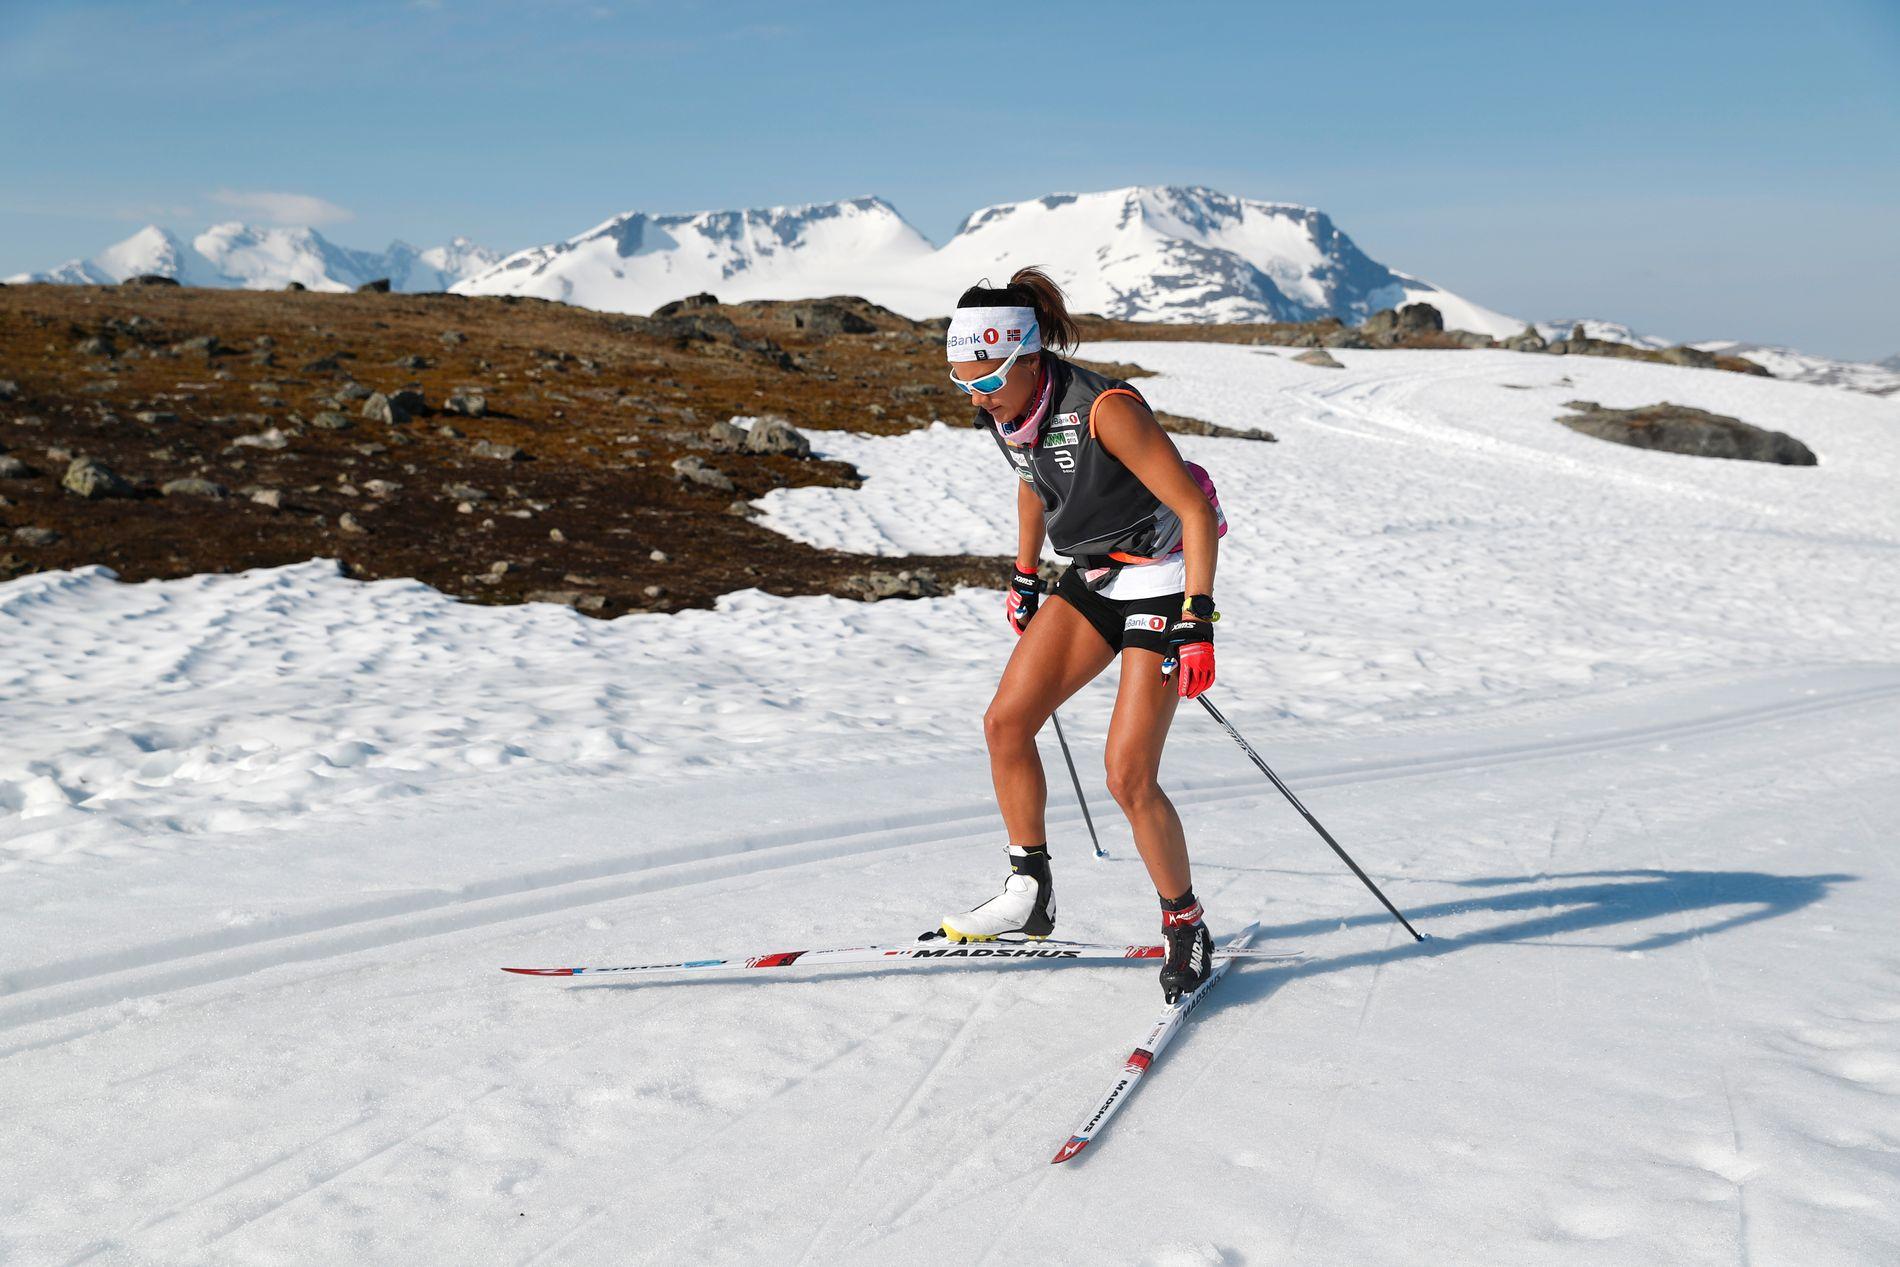 SOMMER: Heidi Weng på landslagssamling på Sognefjellet. Hun er fornøyd med at eks-svigerfar Ole Morten Iversen er ny landslagstrener.